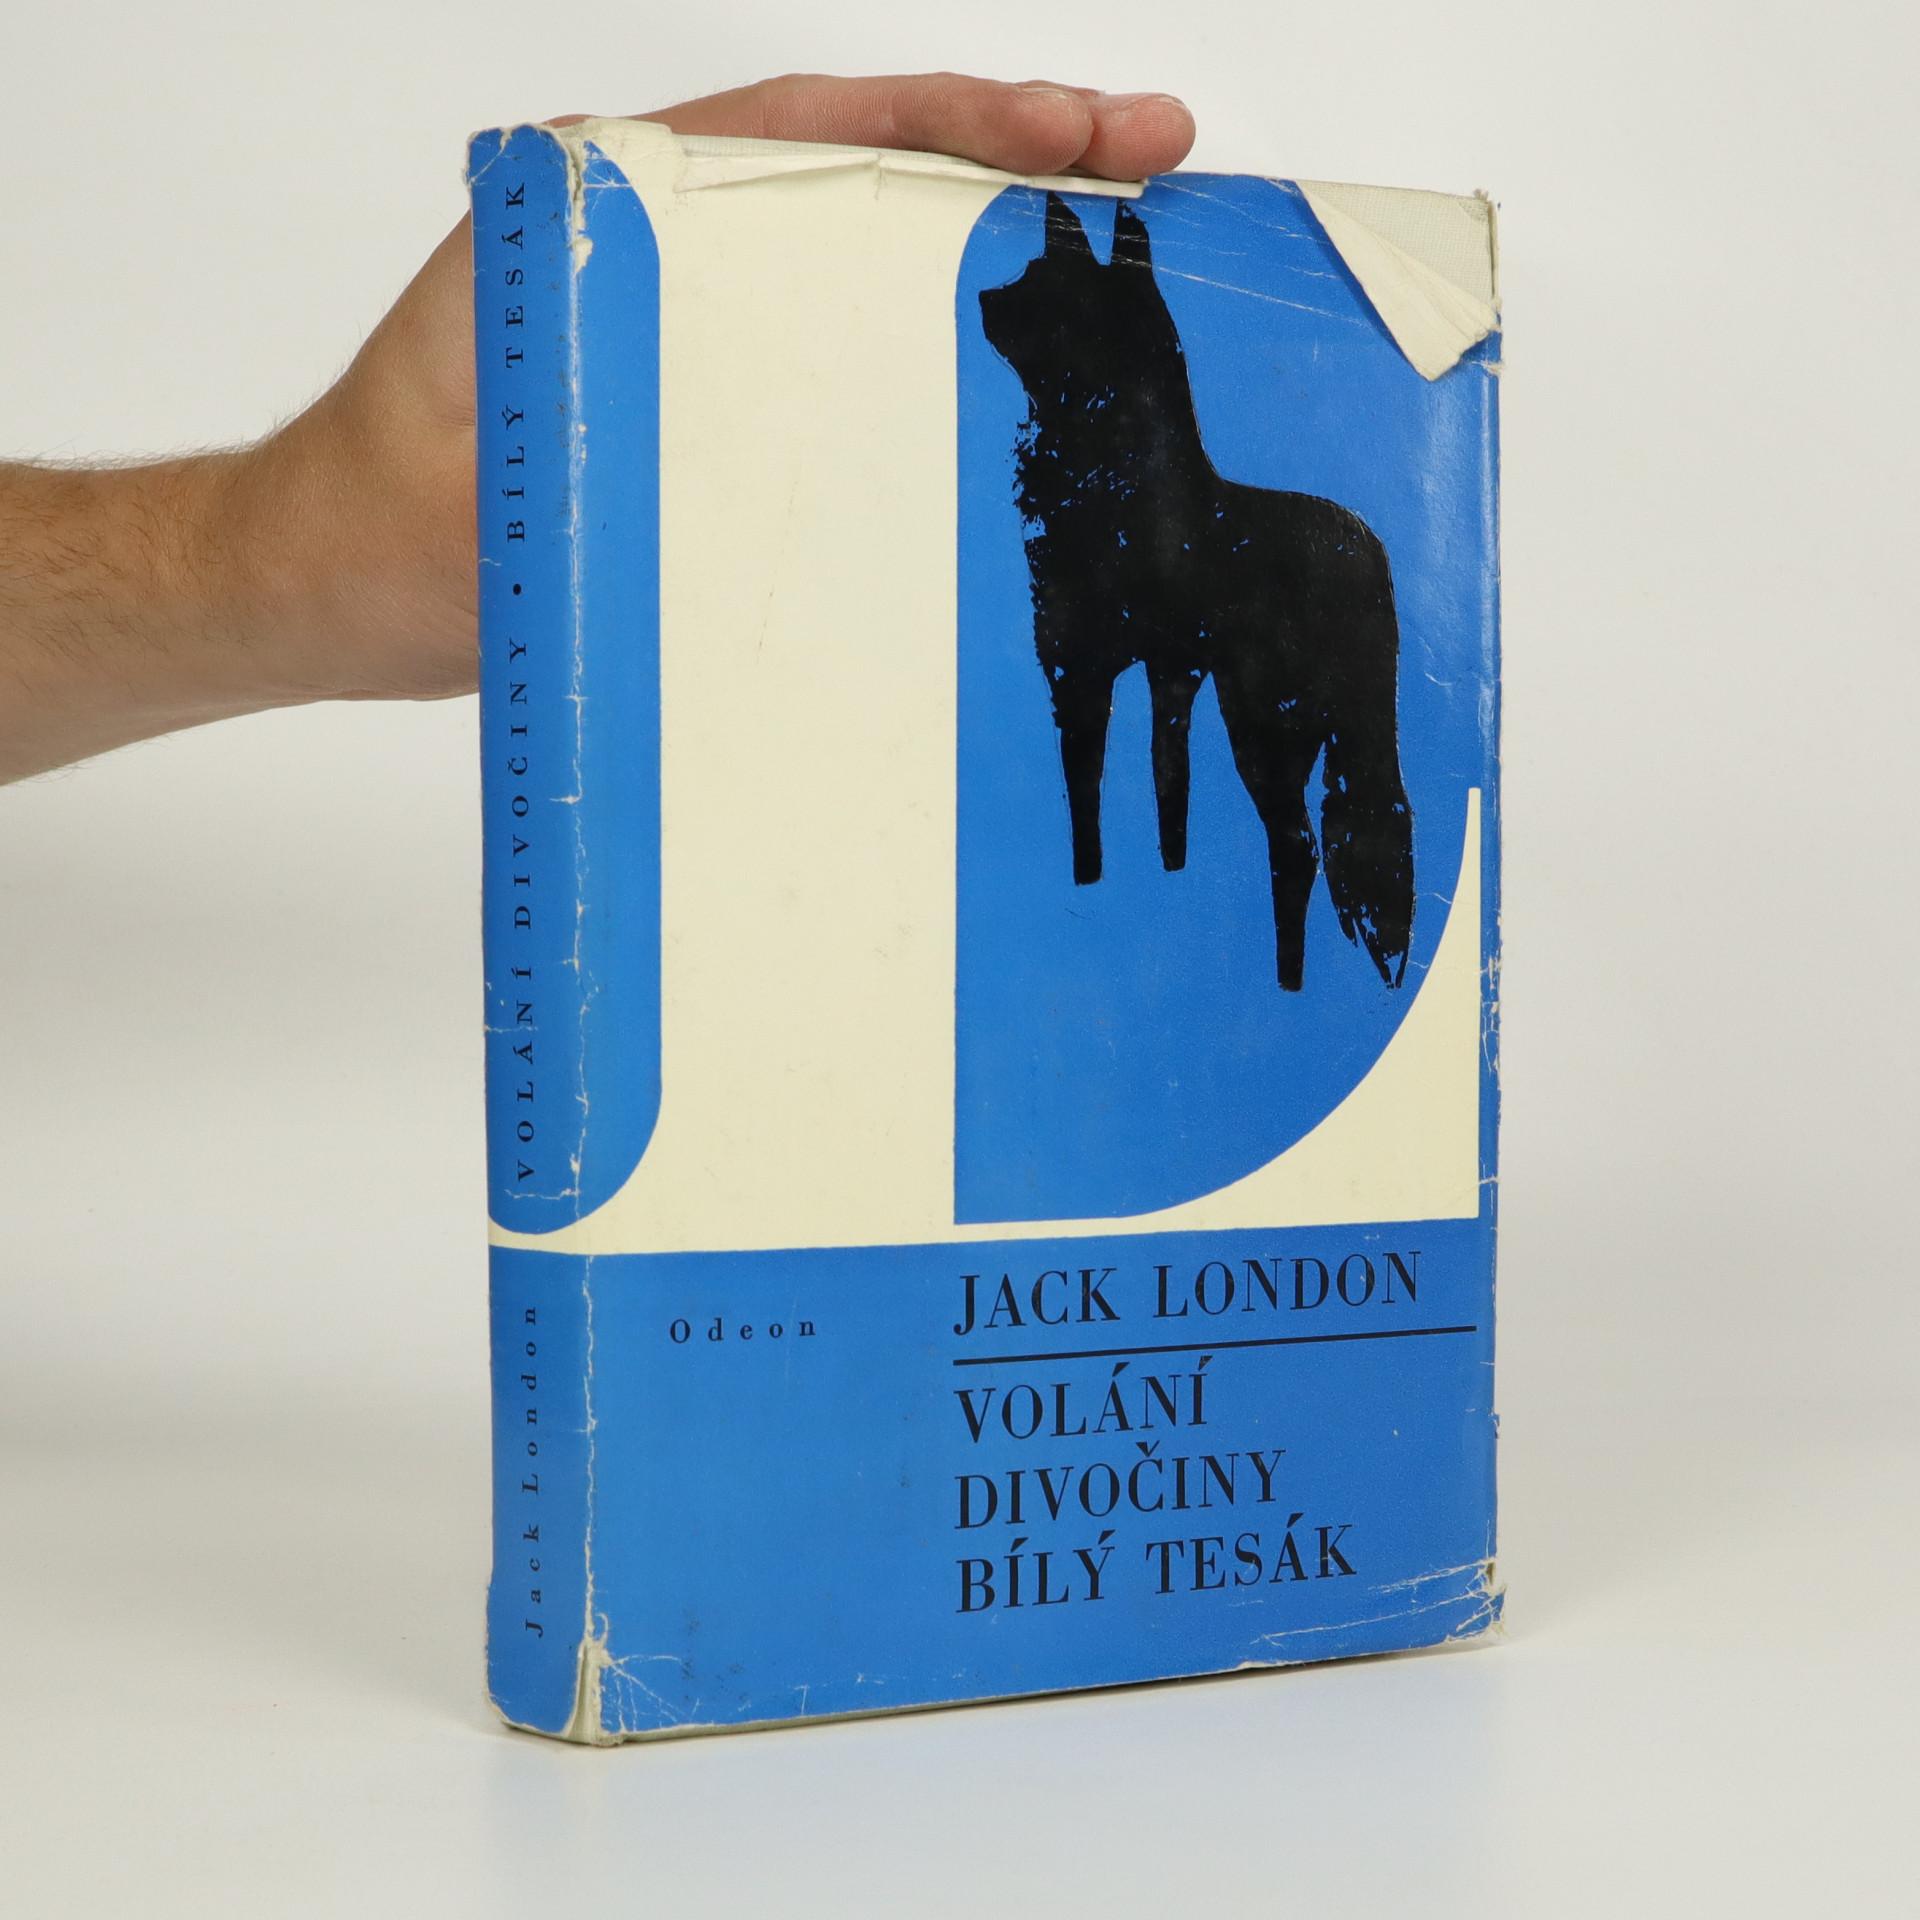 antikvární kniha Volání divočiny. Bílý tesák, 1976